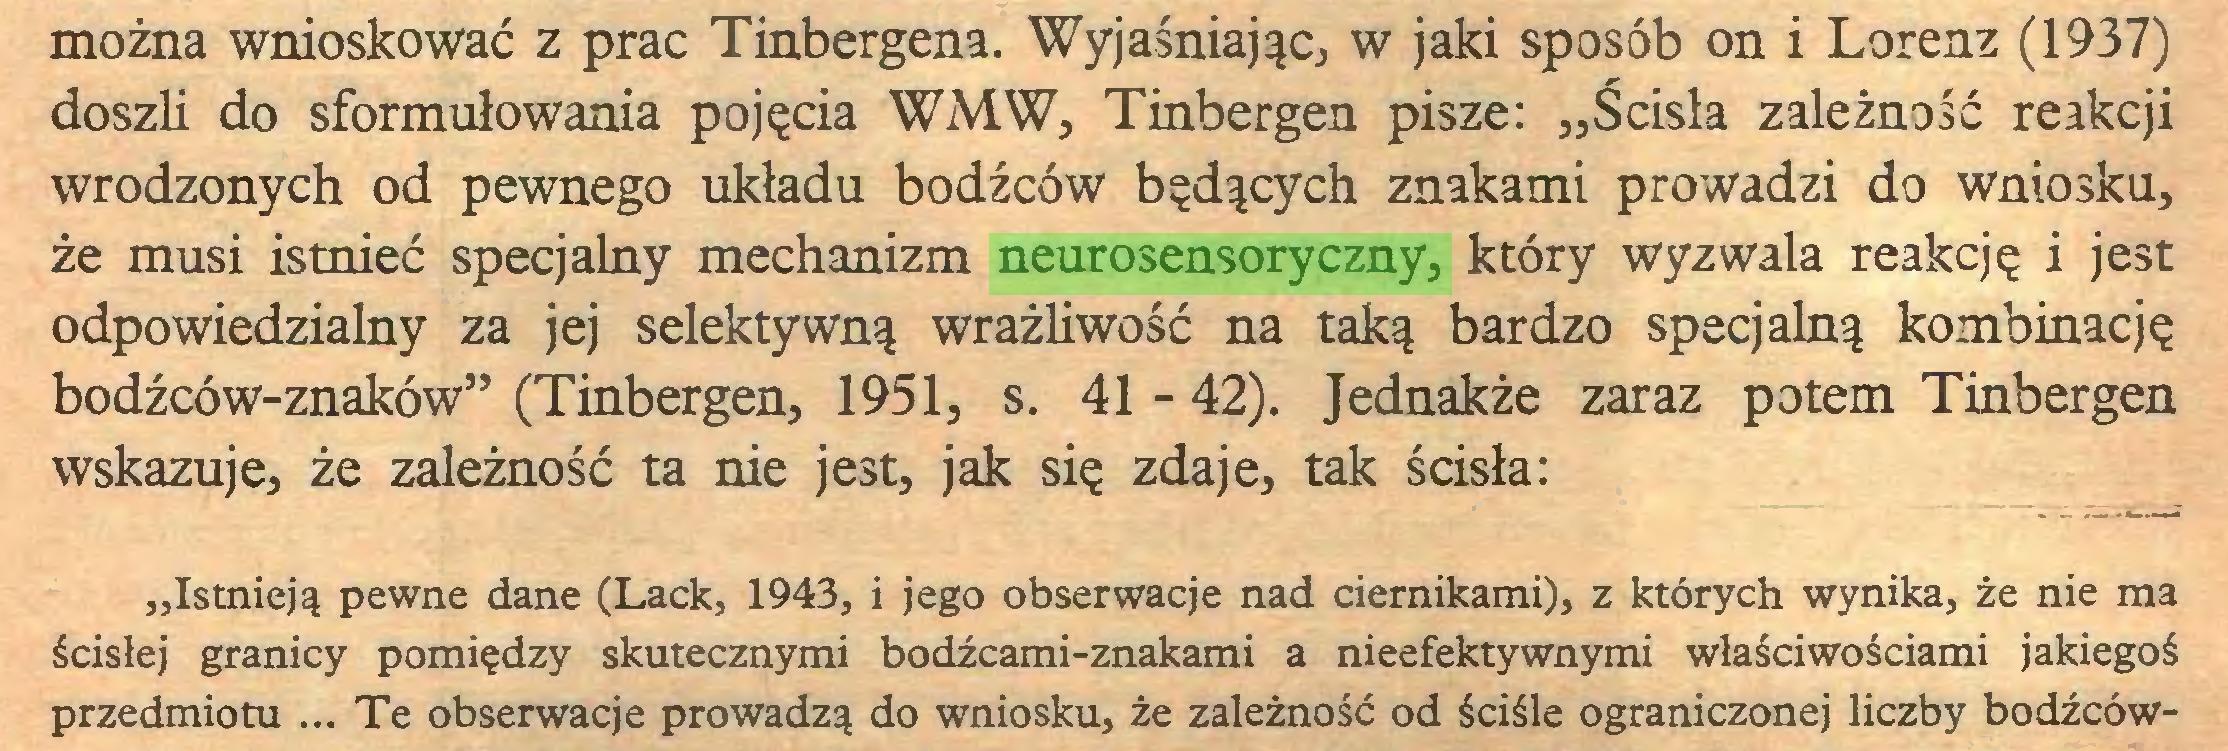 """(...) można wnioskować z prac Tinbergena. Wyjaśniając, w jaki sposób on i Lorenz (1937) doszli do sformułowania pojęcia WMW, Tinbergen pisze: """"Ścisła zależność reakcji wrodzonych od pewnego układu bodźców będących znakami prowadzi do wniosku, że musi istnieć specjalny mechanizm neurosensoryczny, który wyzwala reakcję i jest odpowiedzialny za jej selektywną wrażliwość na taką bardzo specjalną kombinację bodźców-znaków"""" (Tinbergen, 1951, s. 41 - 42). Jednakże zaraz potem Tinbergen wskazuje, że zależność ta nie jest, jak się zdaje, tak ścisła: """"Istnieją pewne dane (Lack, 1943, i jego obserwacje nad ciernikami), z których wynika, że nie ma ścisłej granicy pomiędzy skutecznymi bodźcami-znakami a nieefektywnymi właściwościami jakiegoś przedmiotu ... Te obserwacje prowadzą do wniosku, że zależność od ściśle ograniczonej liczby bodźców..."""